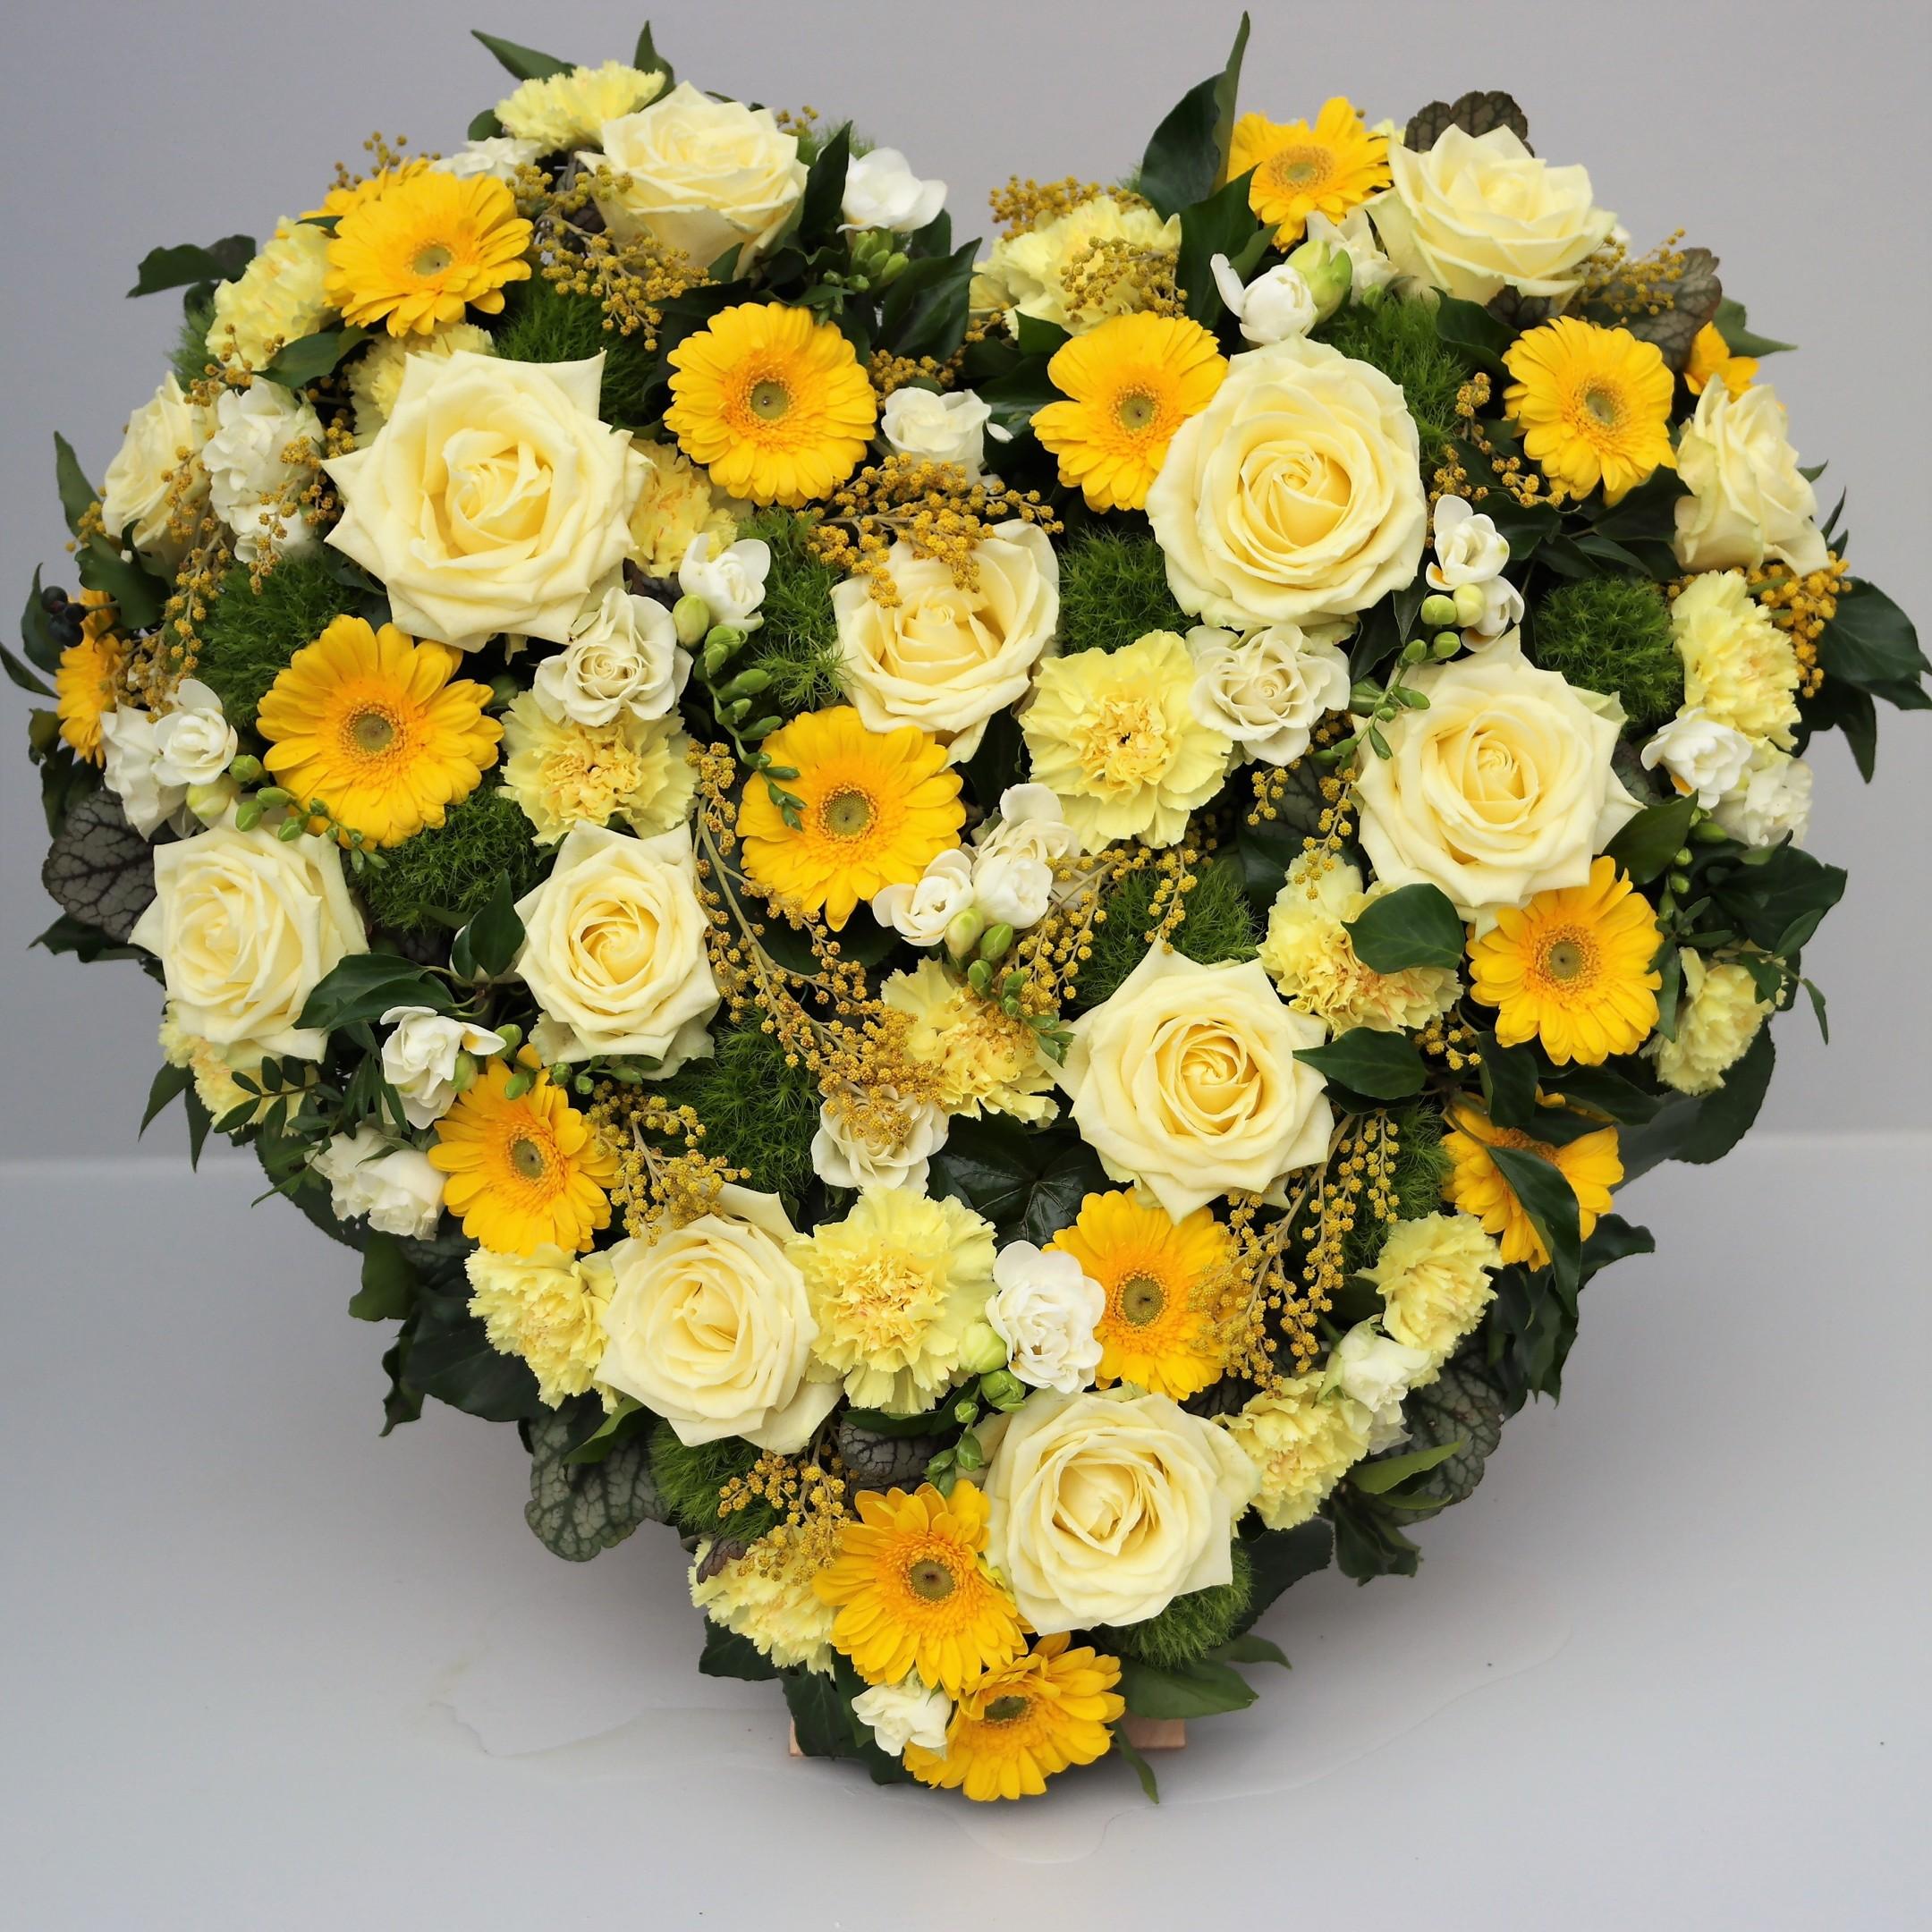 Gelbes Blumenherz Bild 1